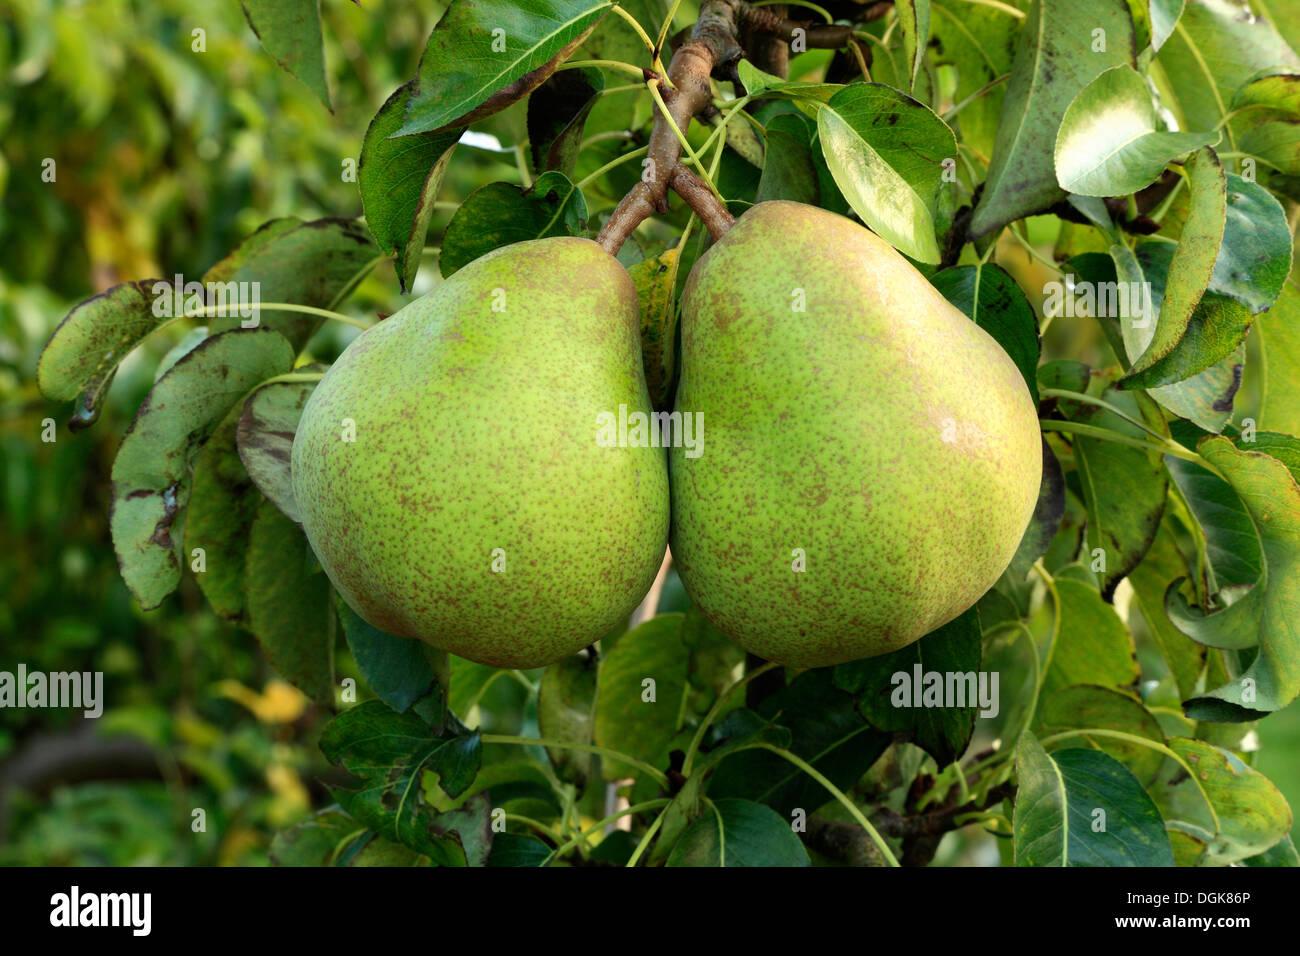 Le poirier 'Doyenne du Comice', Pyrus communis, poires variété varieties growing on tree Banque D'Images